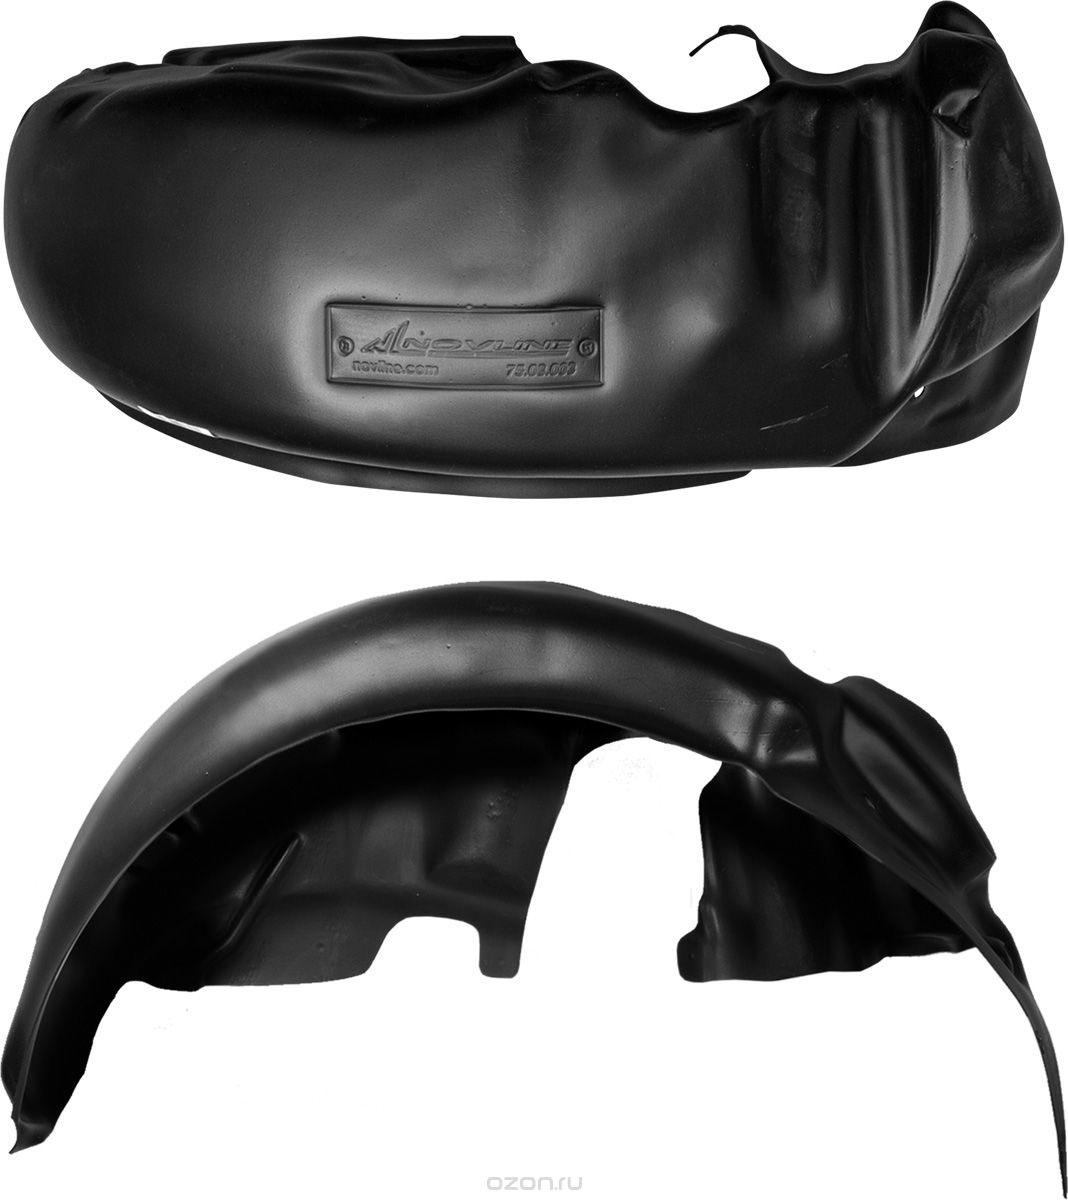 Подкрылок Novline-Autofamily, для Acura RDX, 2014->, передний правыйNLL.01.01.002Идеальная защита колесной ниши. Локеры разработаны с применением цифровых технологий, гарантируют максимальную повторяемость поверхности арки. Изделия устанавливаются без нарушения лакокрасочного покрытия автомобиля, каждый подкрылок комплектуется крепежом. Уважаемые клиенты, обращаем ваше внимание, что фотографии на подкрылки универсальные и не отражают реальную форму изделия. При этом само изделие идет точно под размер указанного автомобиля.